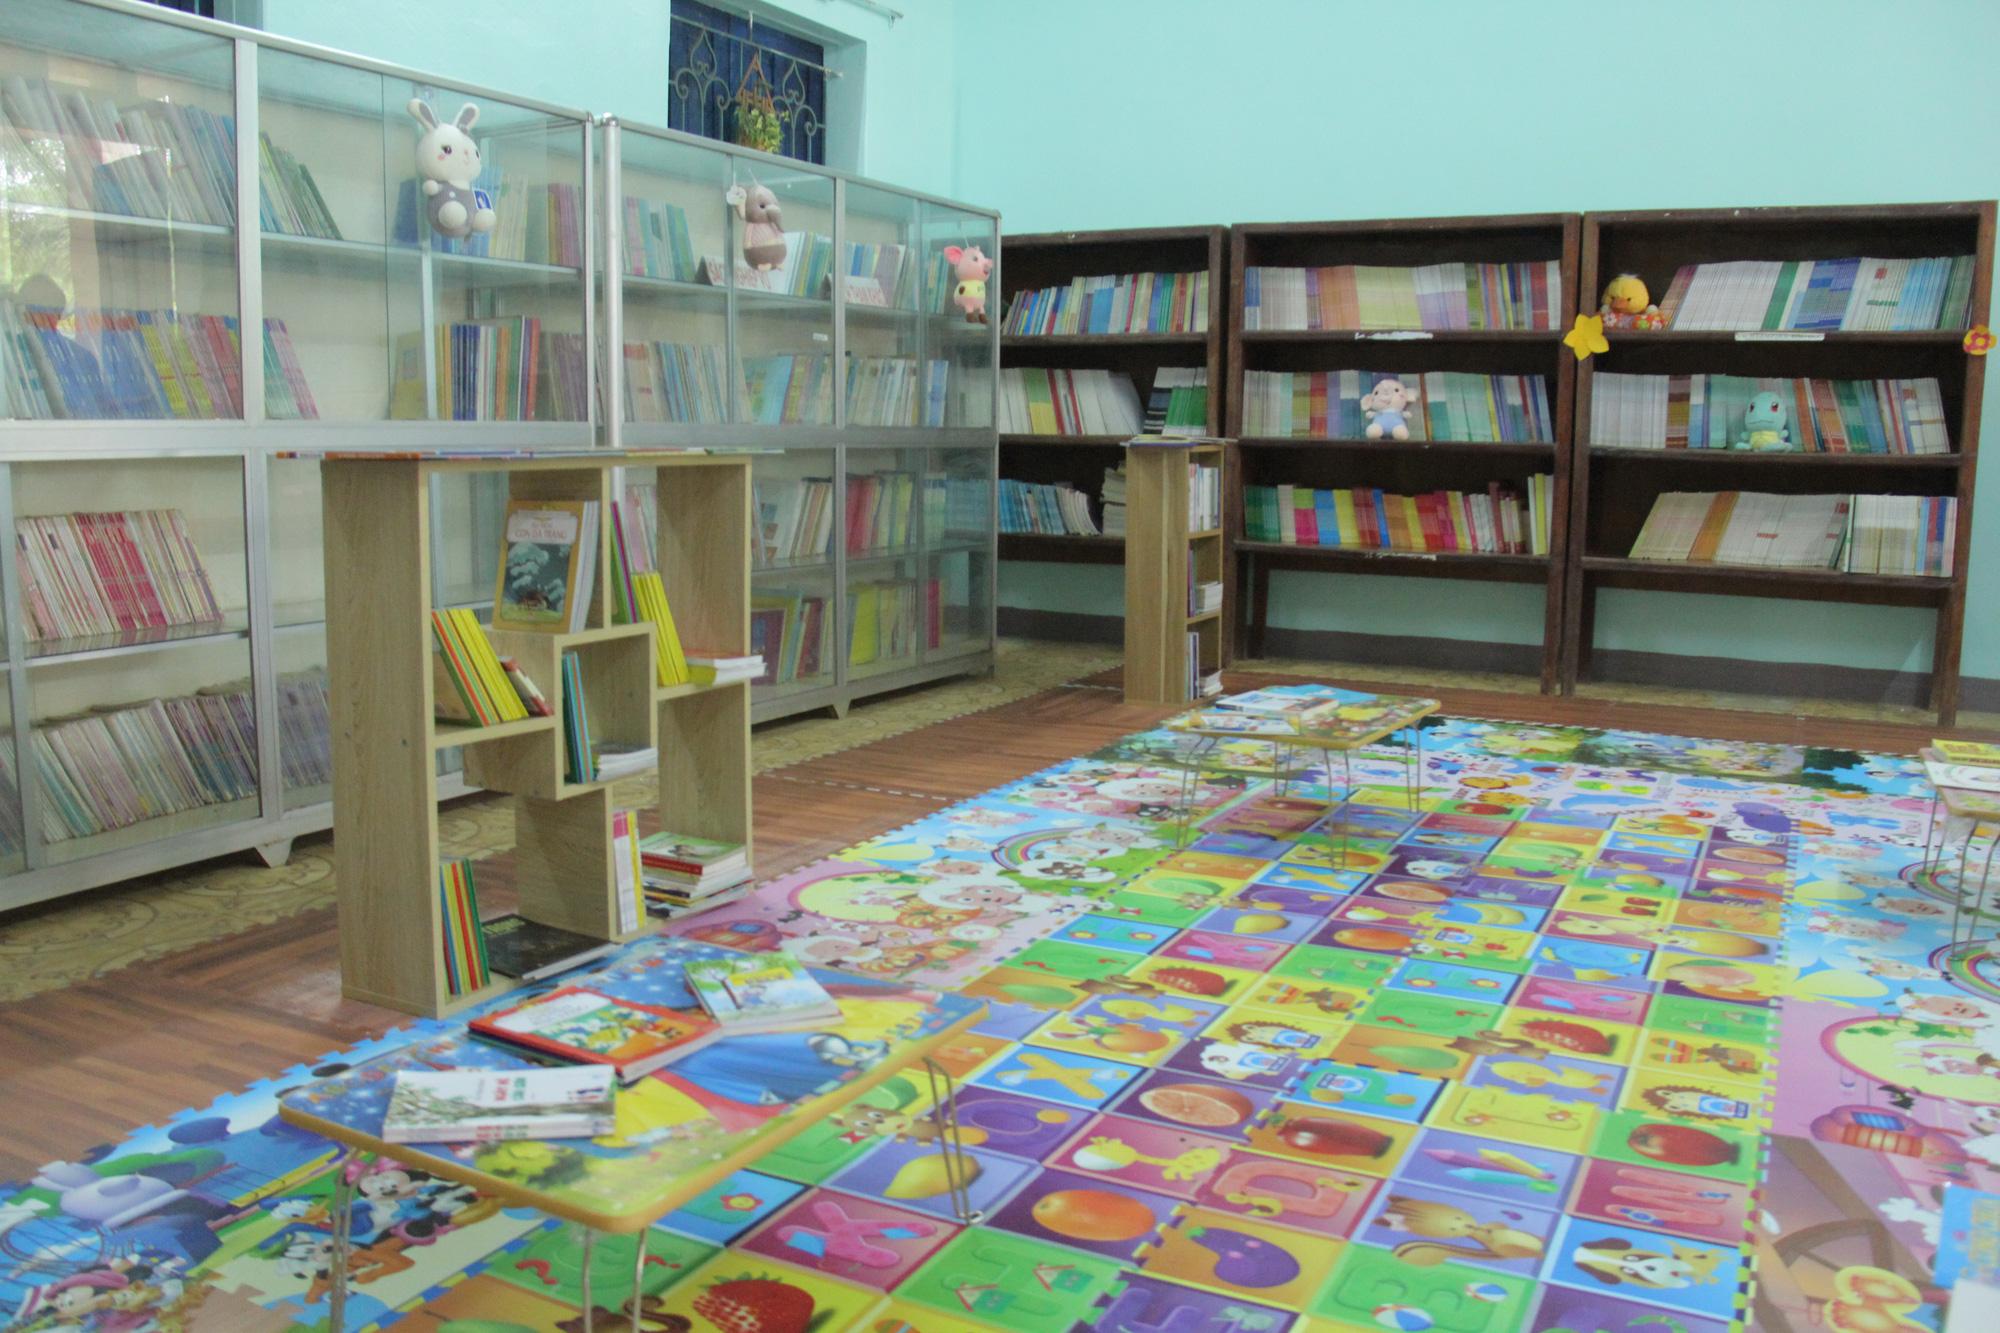 Trao tặng hơn 4.000 đầu sách cho các thư viện, trường học tỉnh Hòa Bình - Ảnh 8.